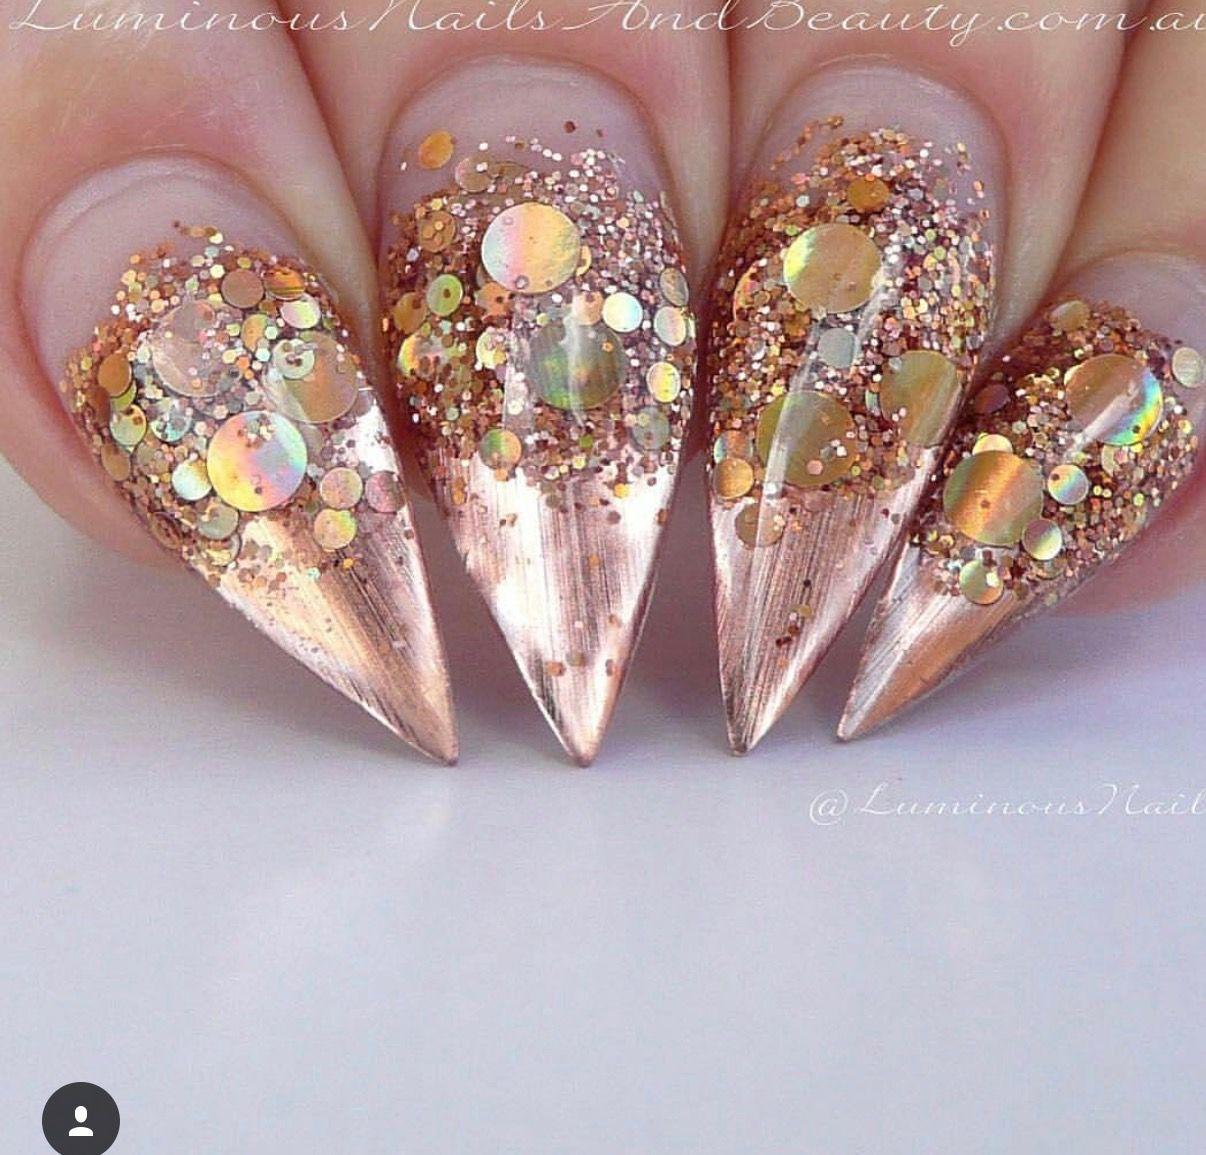 Pin By Monique On Nails Gold Nails Luminous Nails Gold Nail Art